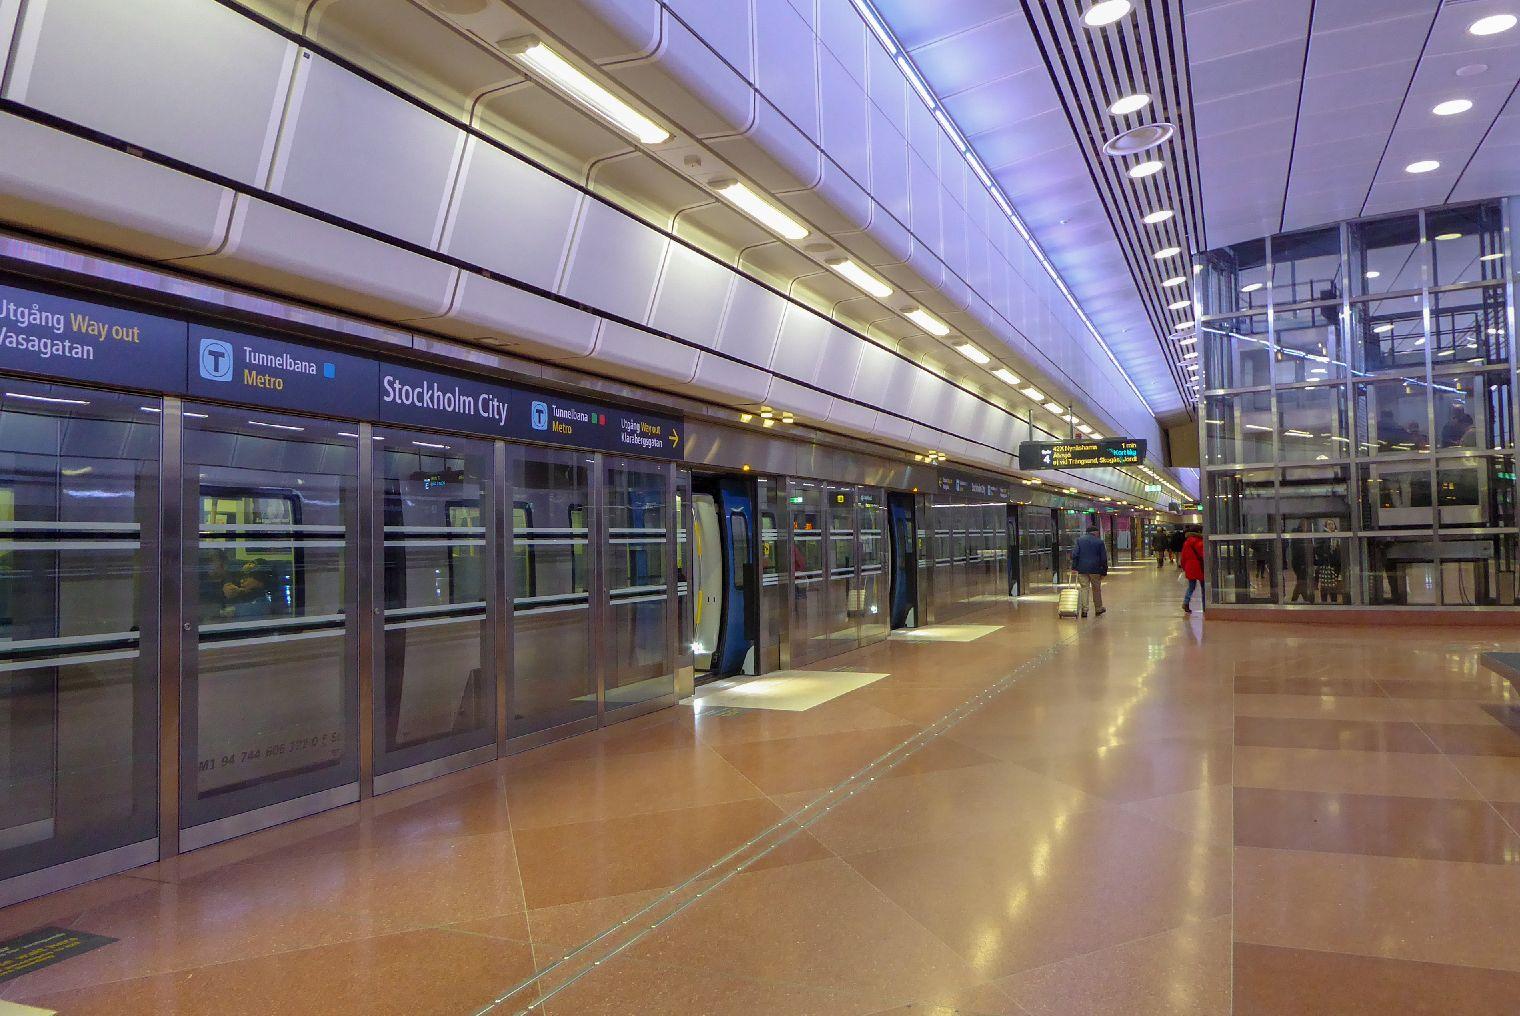 Stockholm Schweden Städtetrip Anreise Metro Tunnelbana City